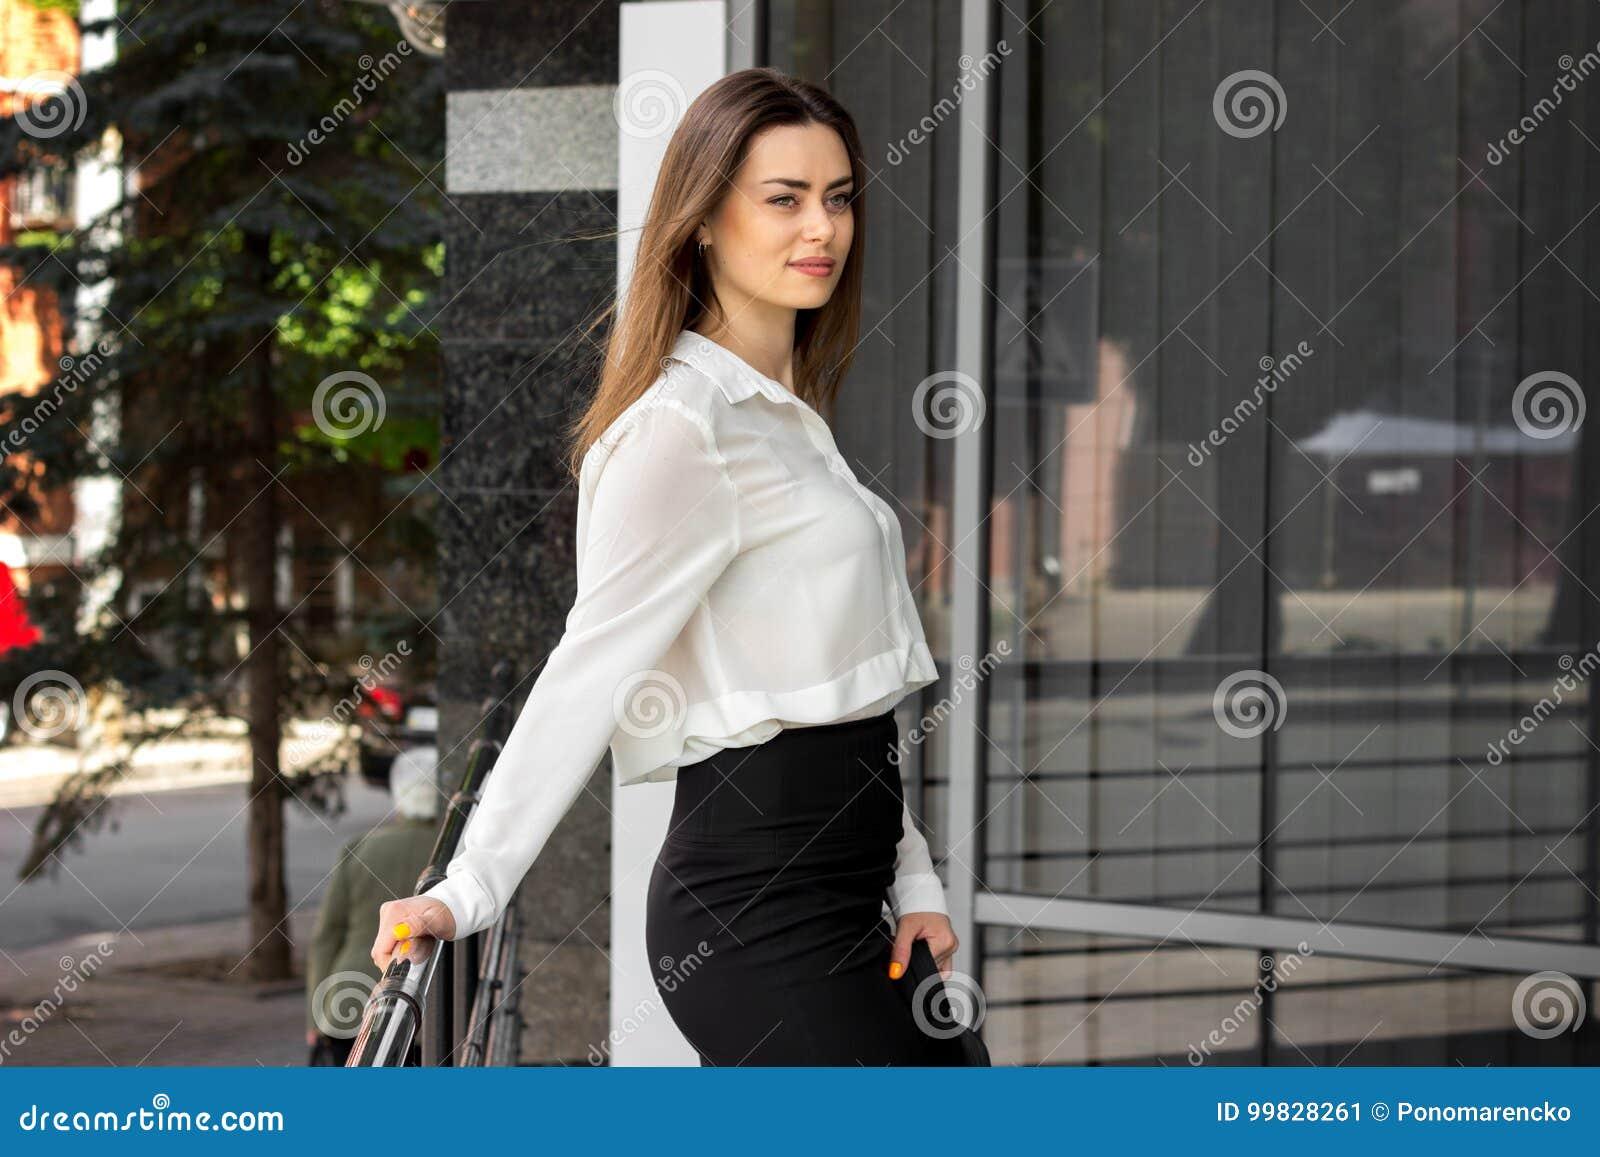 91ae1ceac4 La señora joven delgada hermosa en una camisa blanca y una falda negra se  coloca en la calle